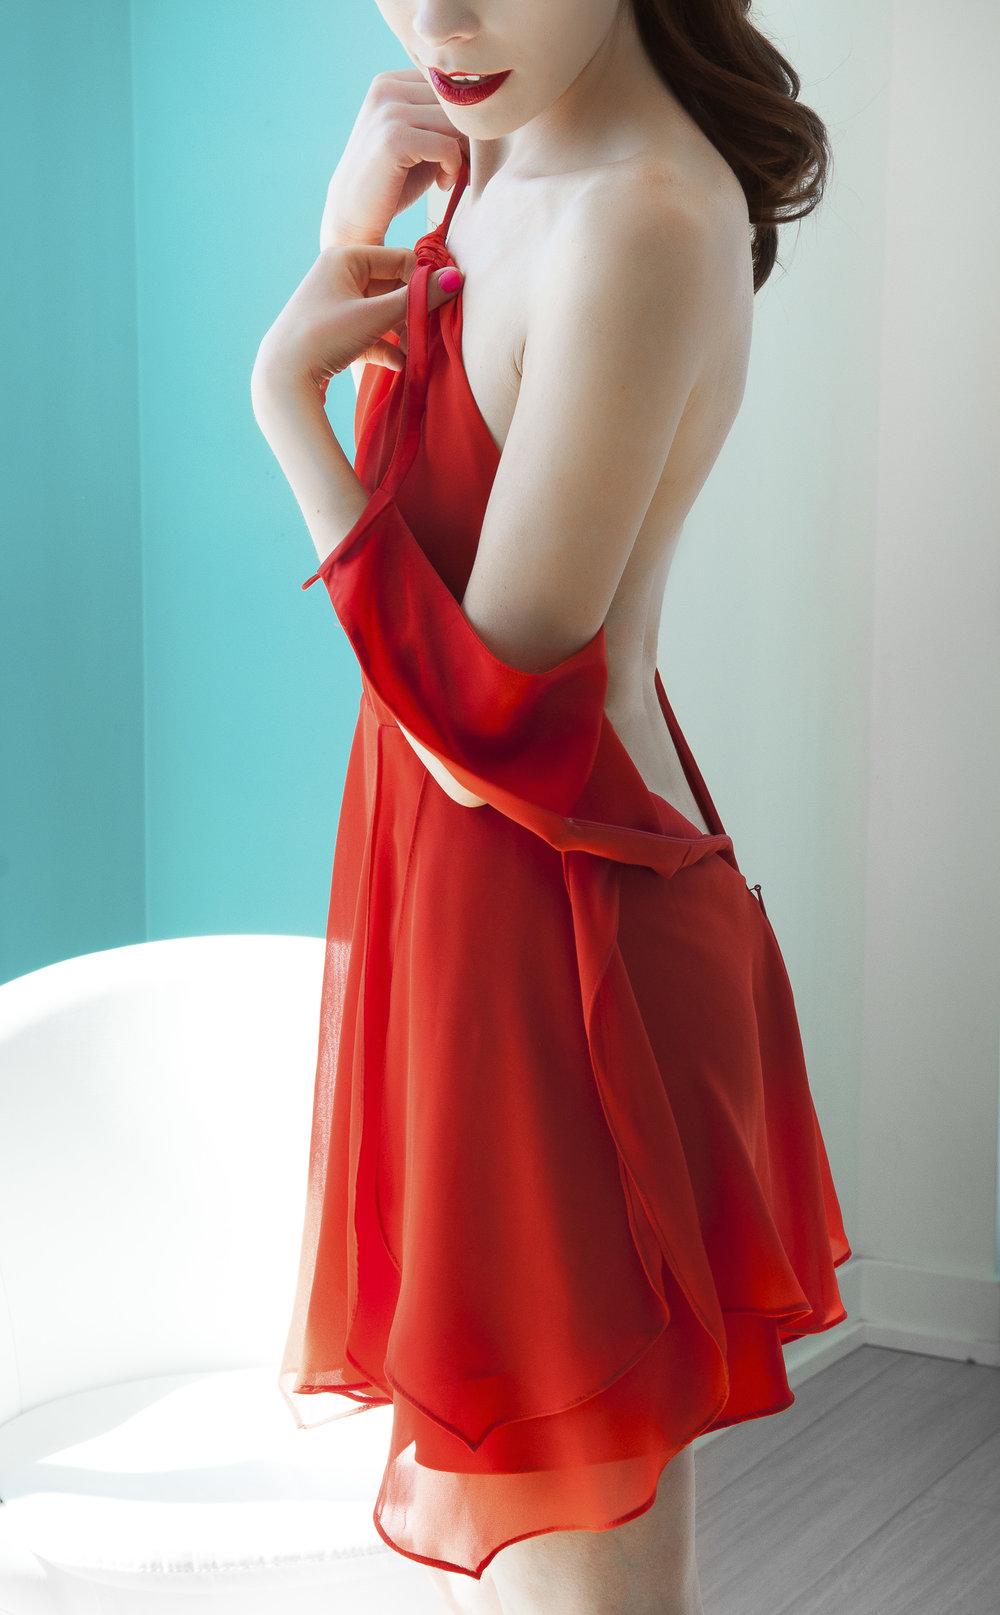 Red Goddess-.jpg